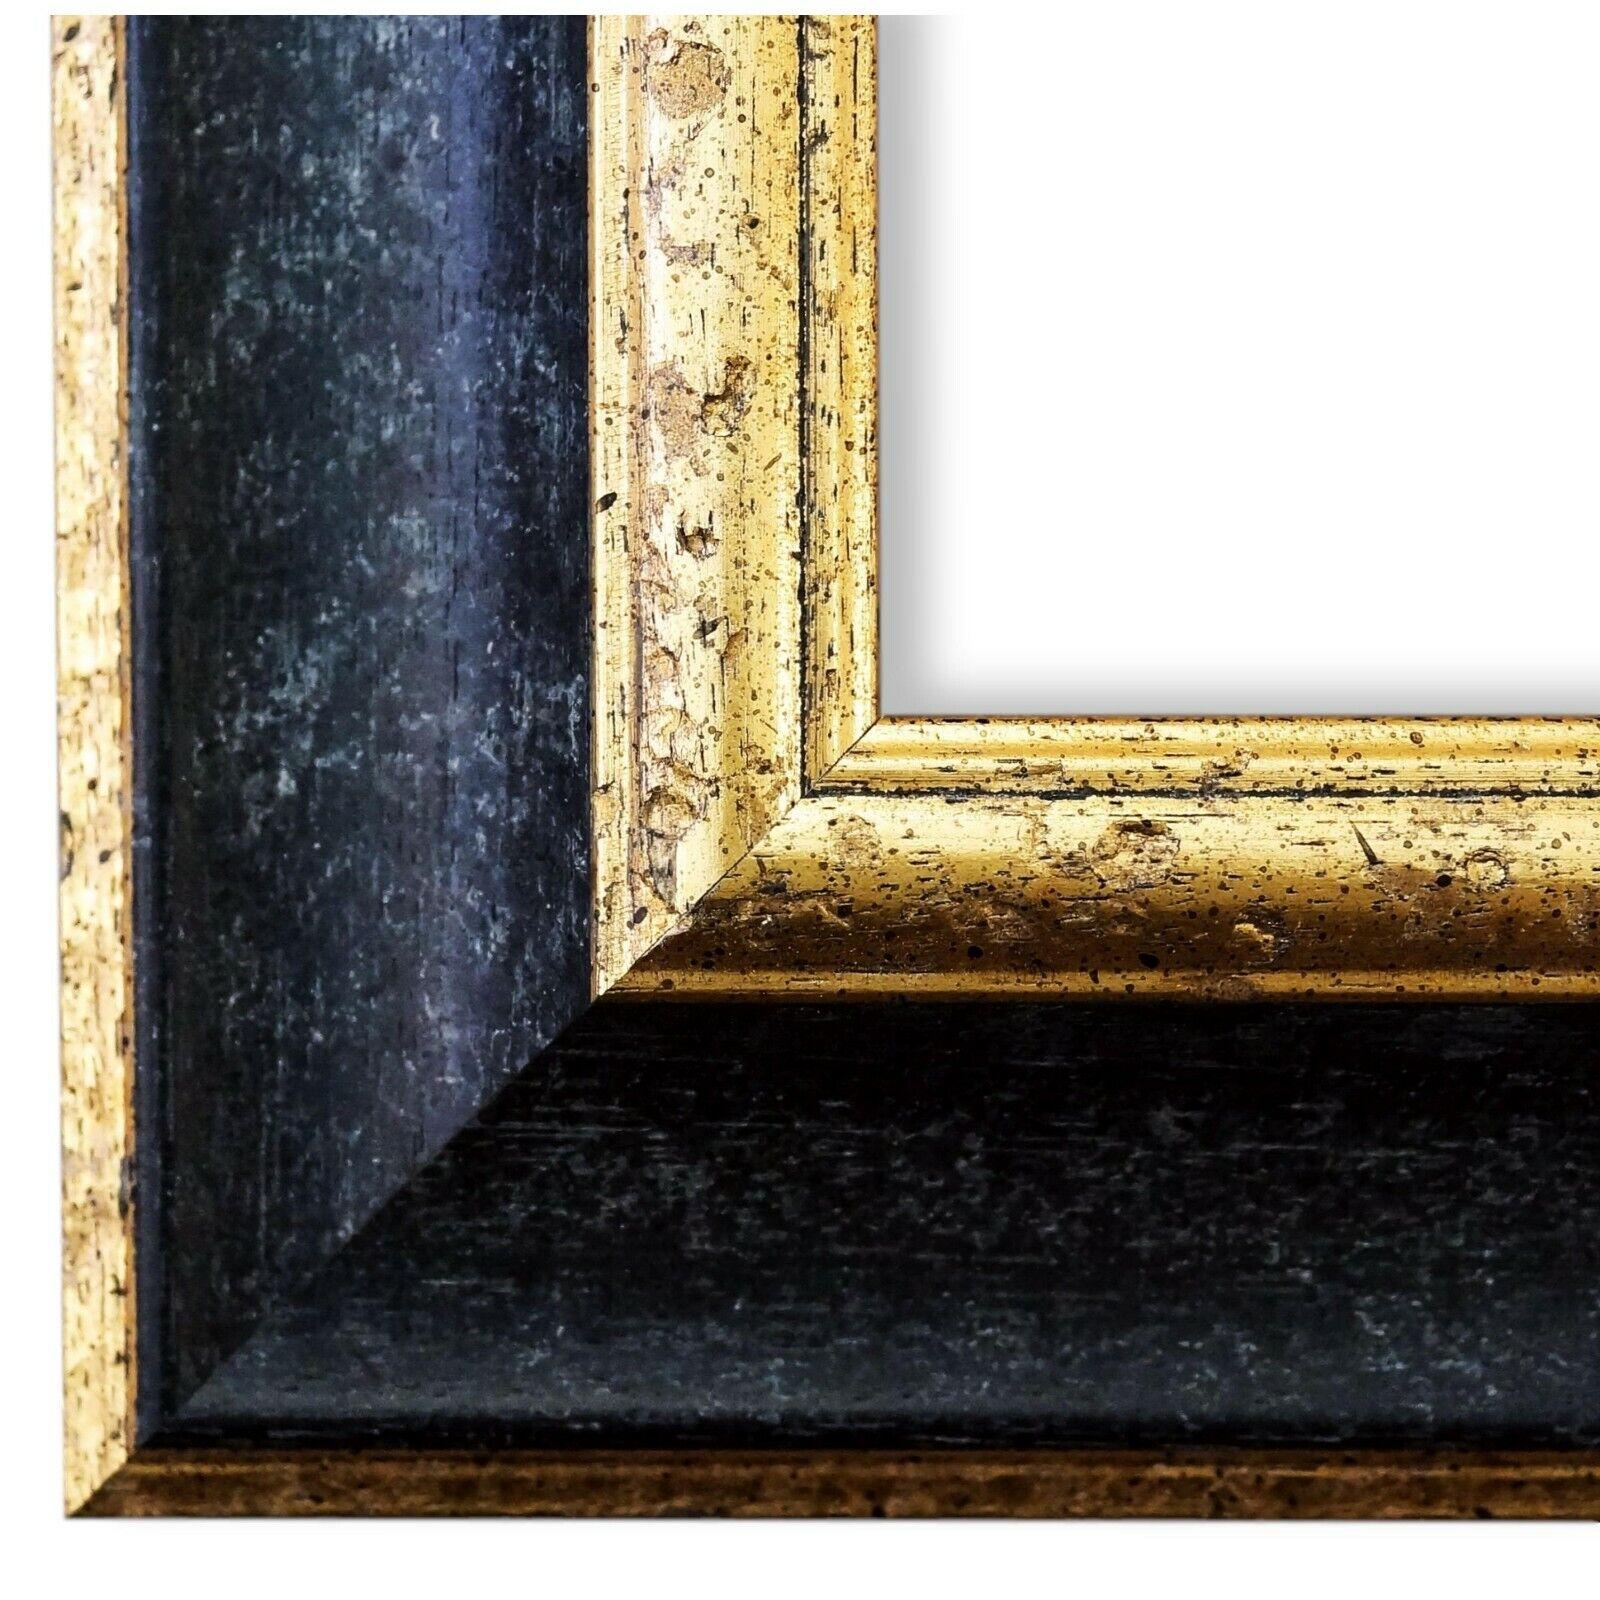 Bilderrahmen Acta Schwarz Gold - 24x30 28x35 30x30 30x40 30x45 40x40 40x50